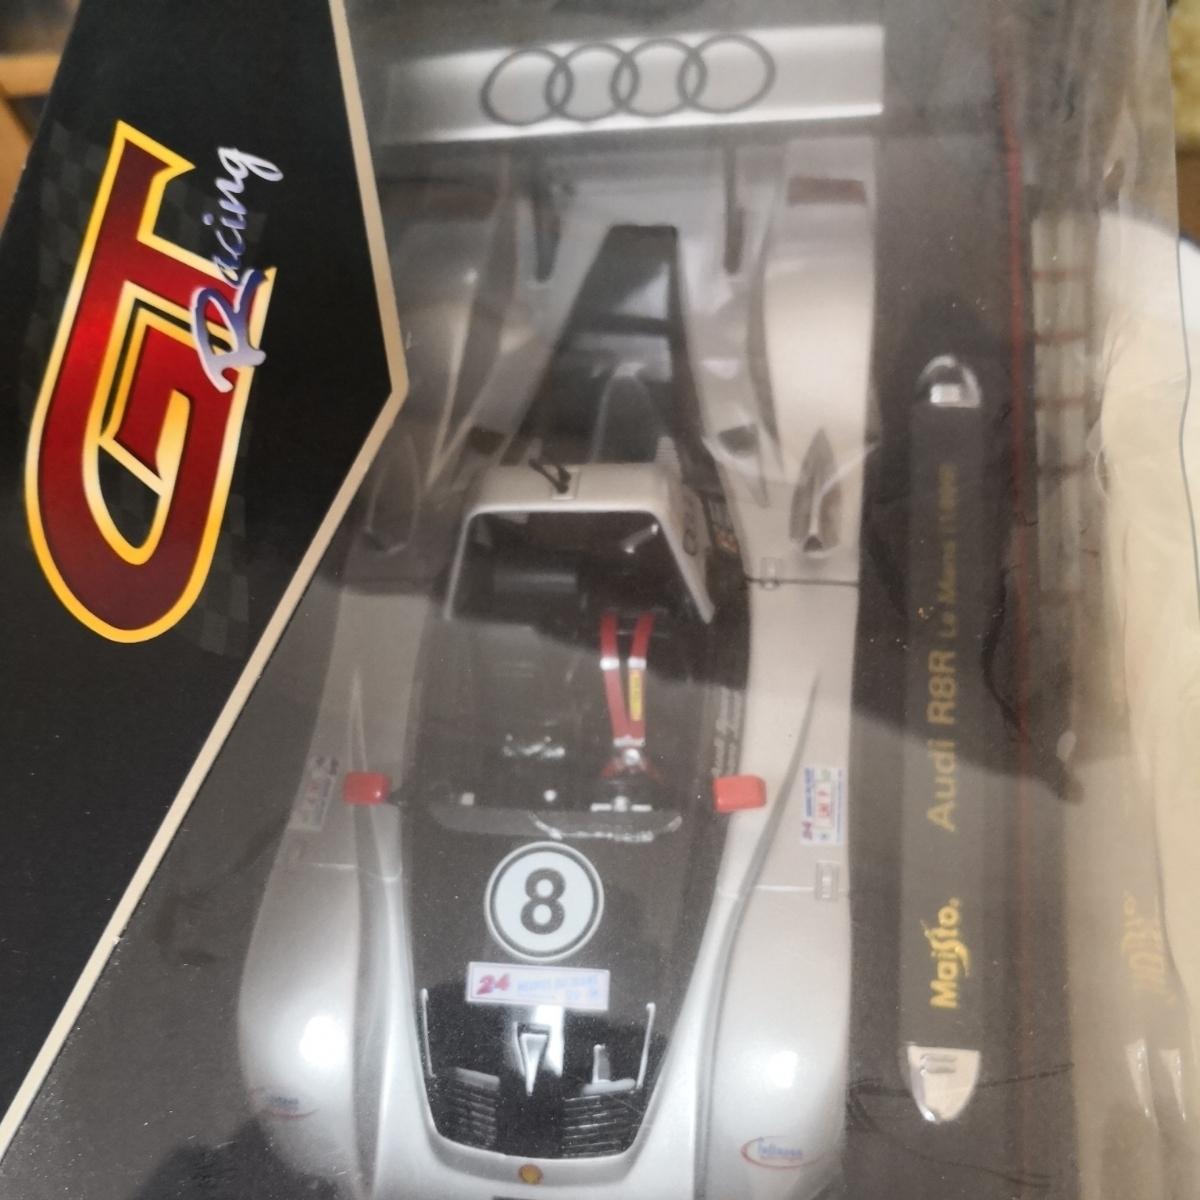 超レアー 1/18ルマンシリーズ3台ミニチュアレーシングカー_画像2